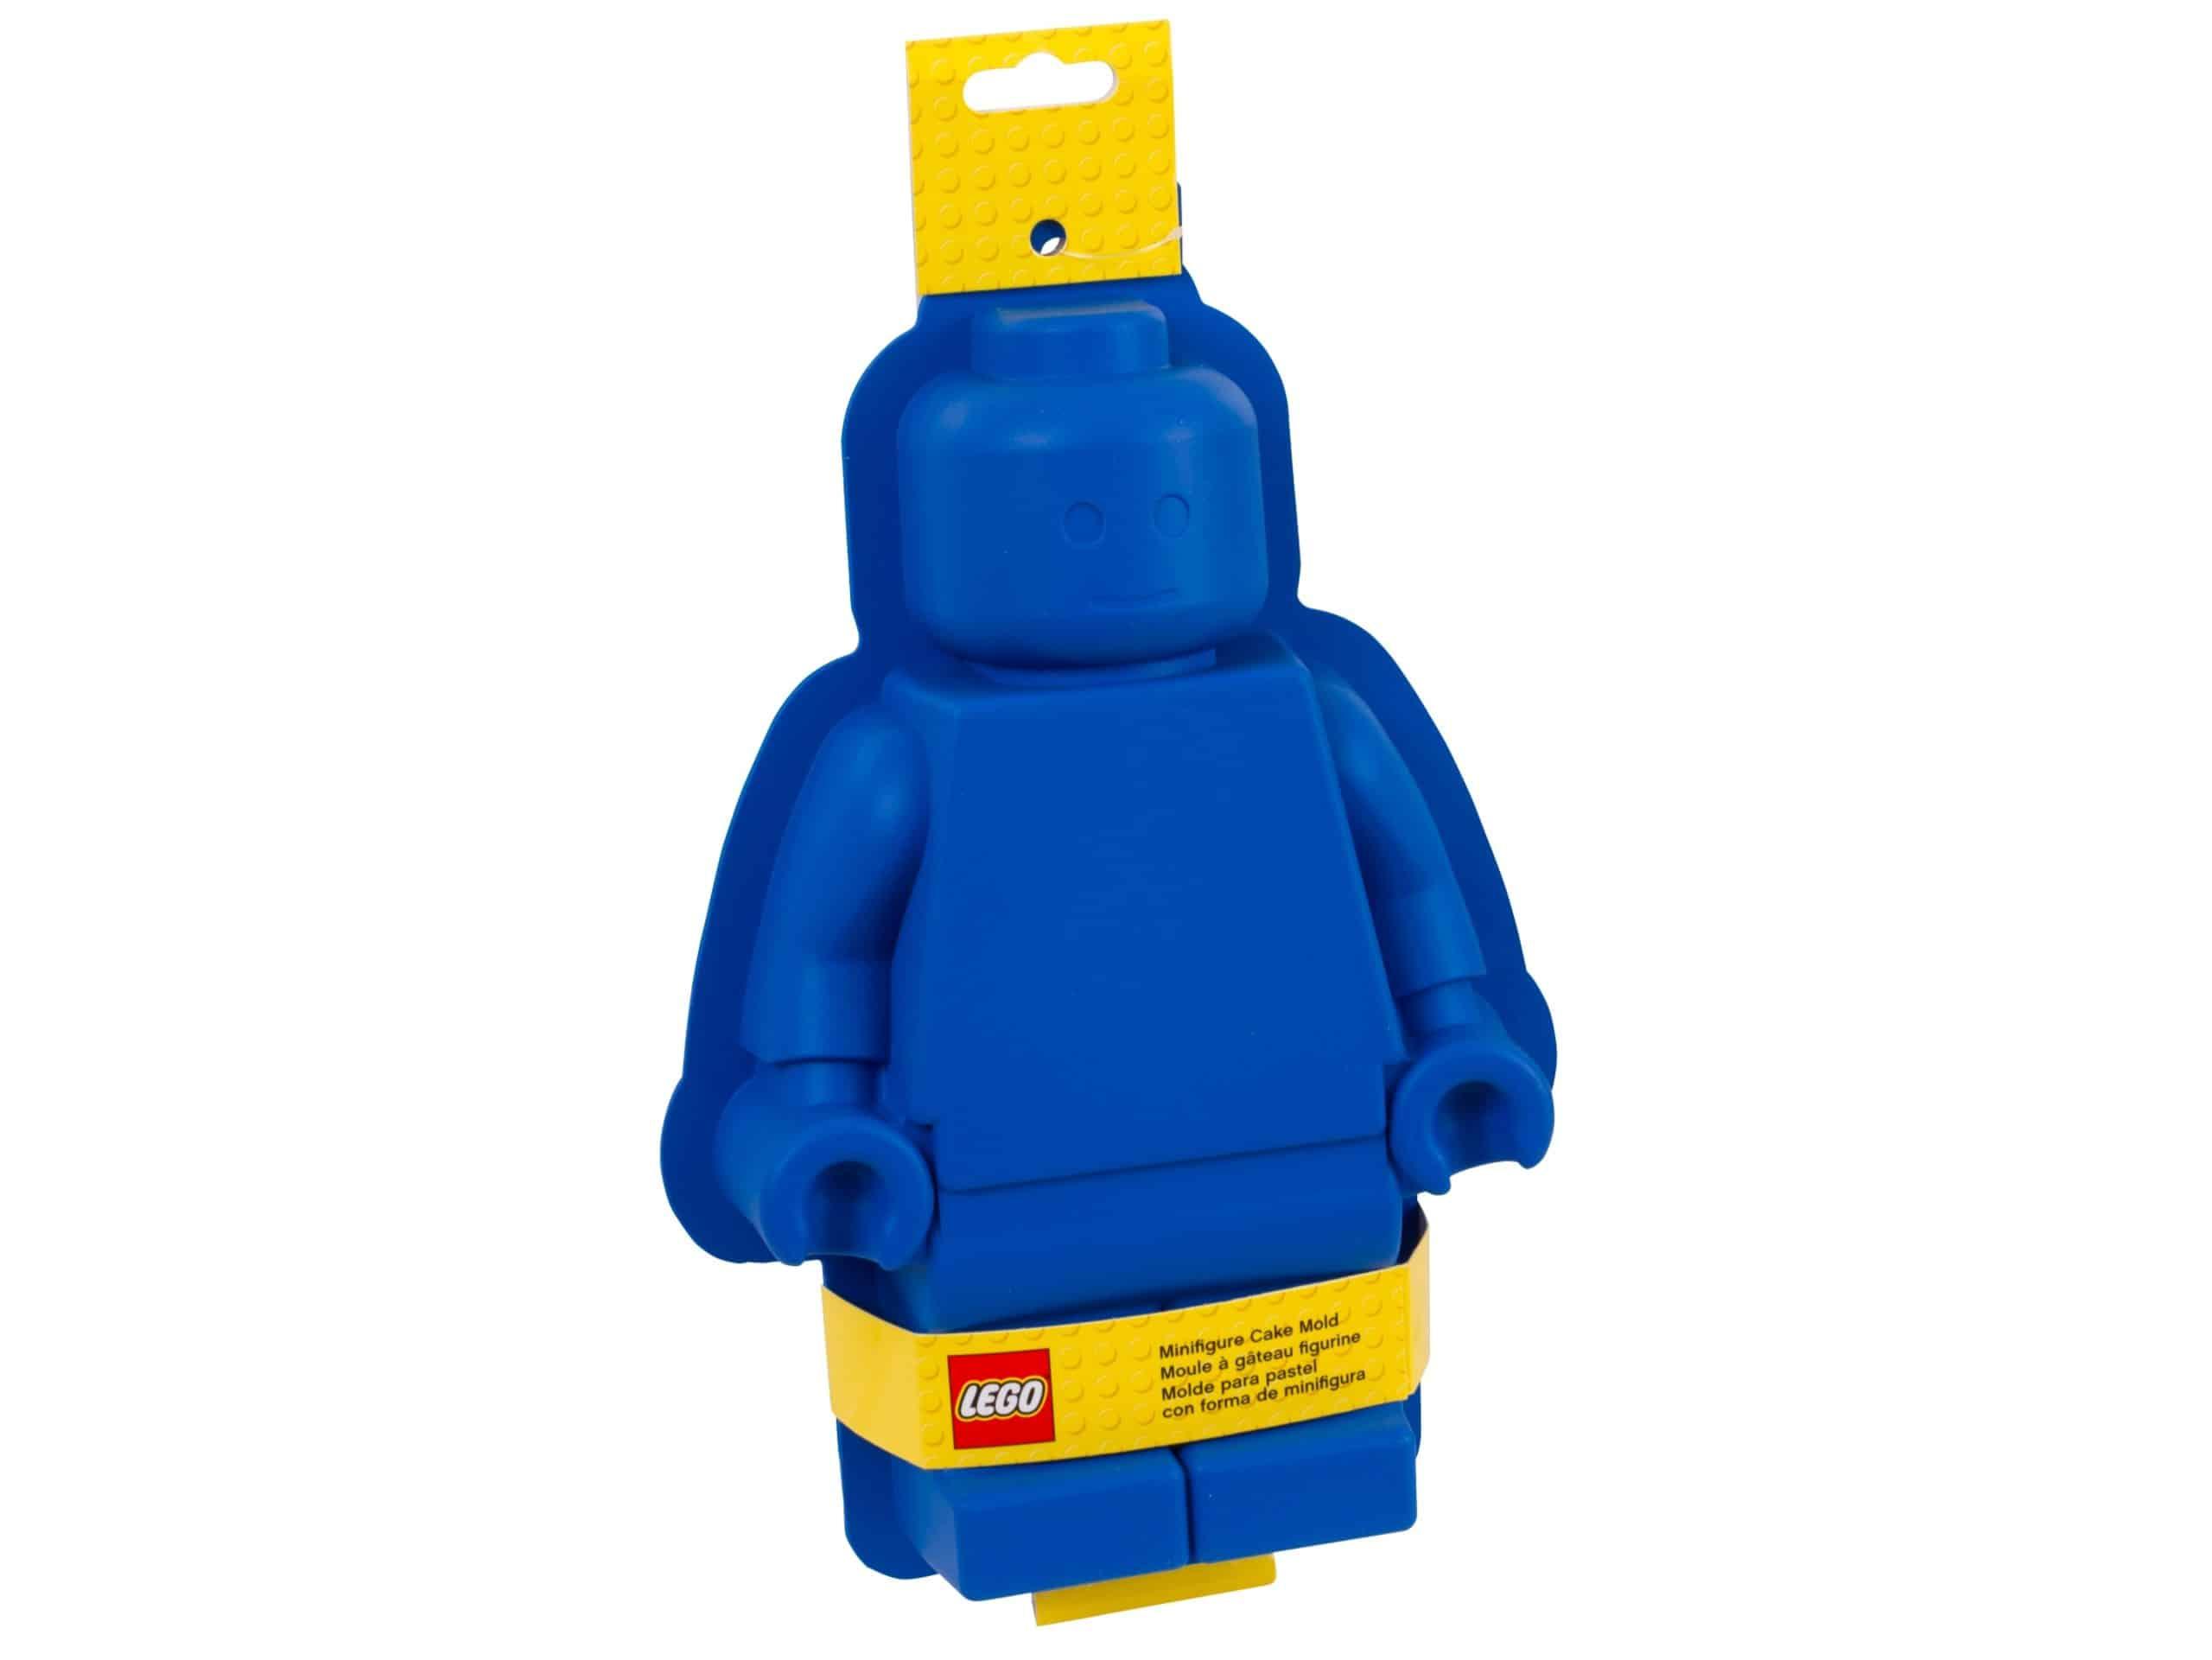 lego 853575 moule a gateau figurine scaled